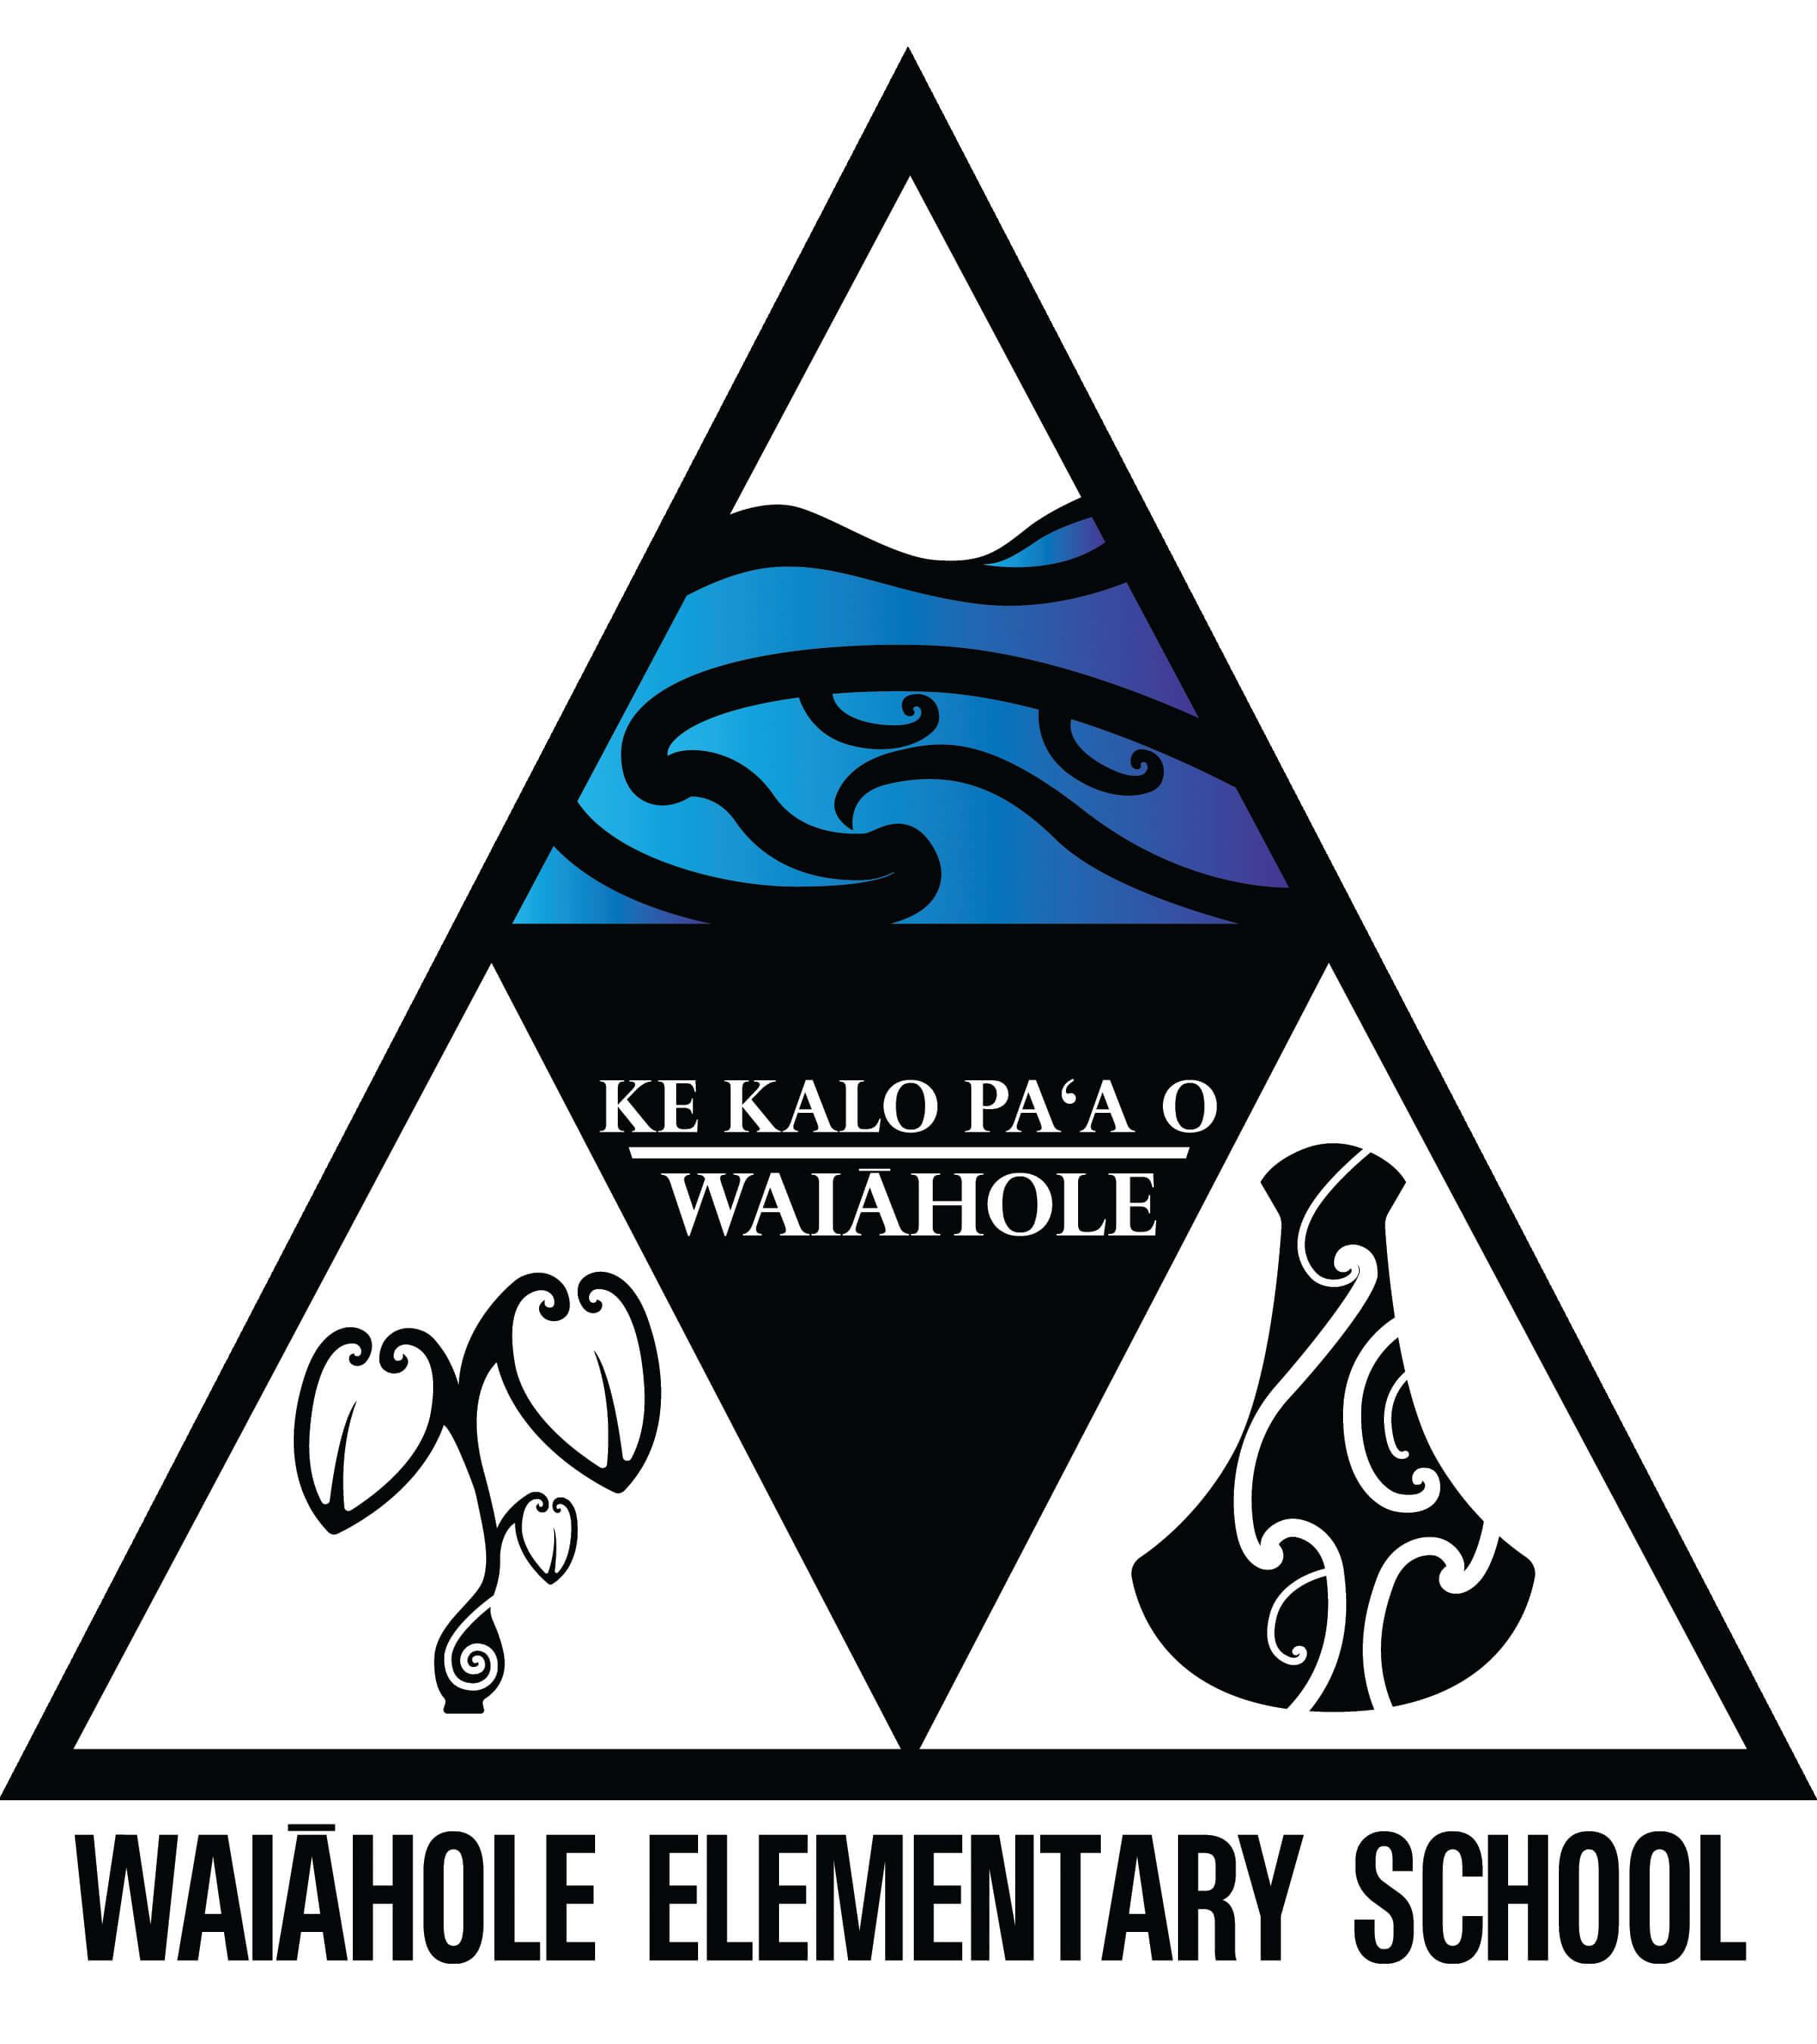 waiahole elementary school logo